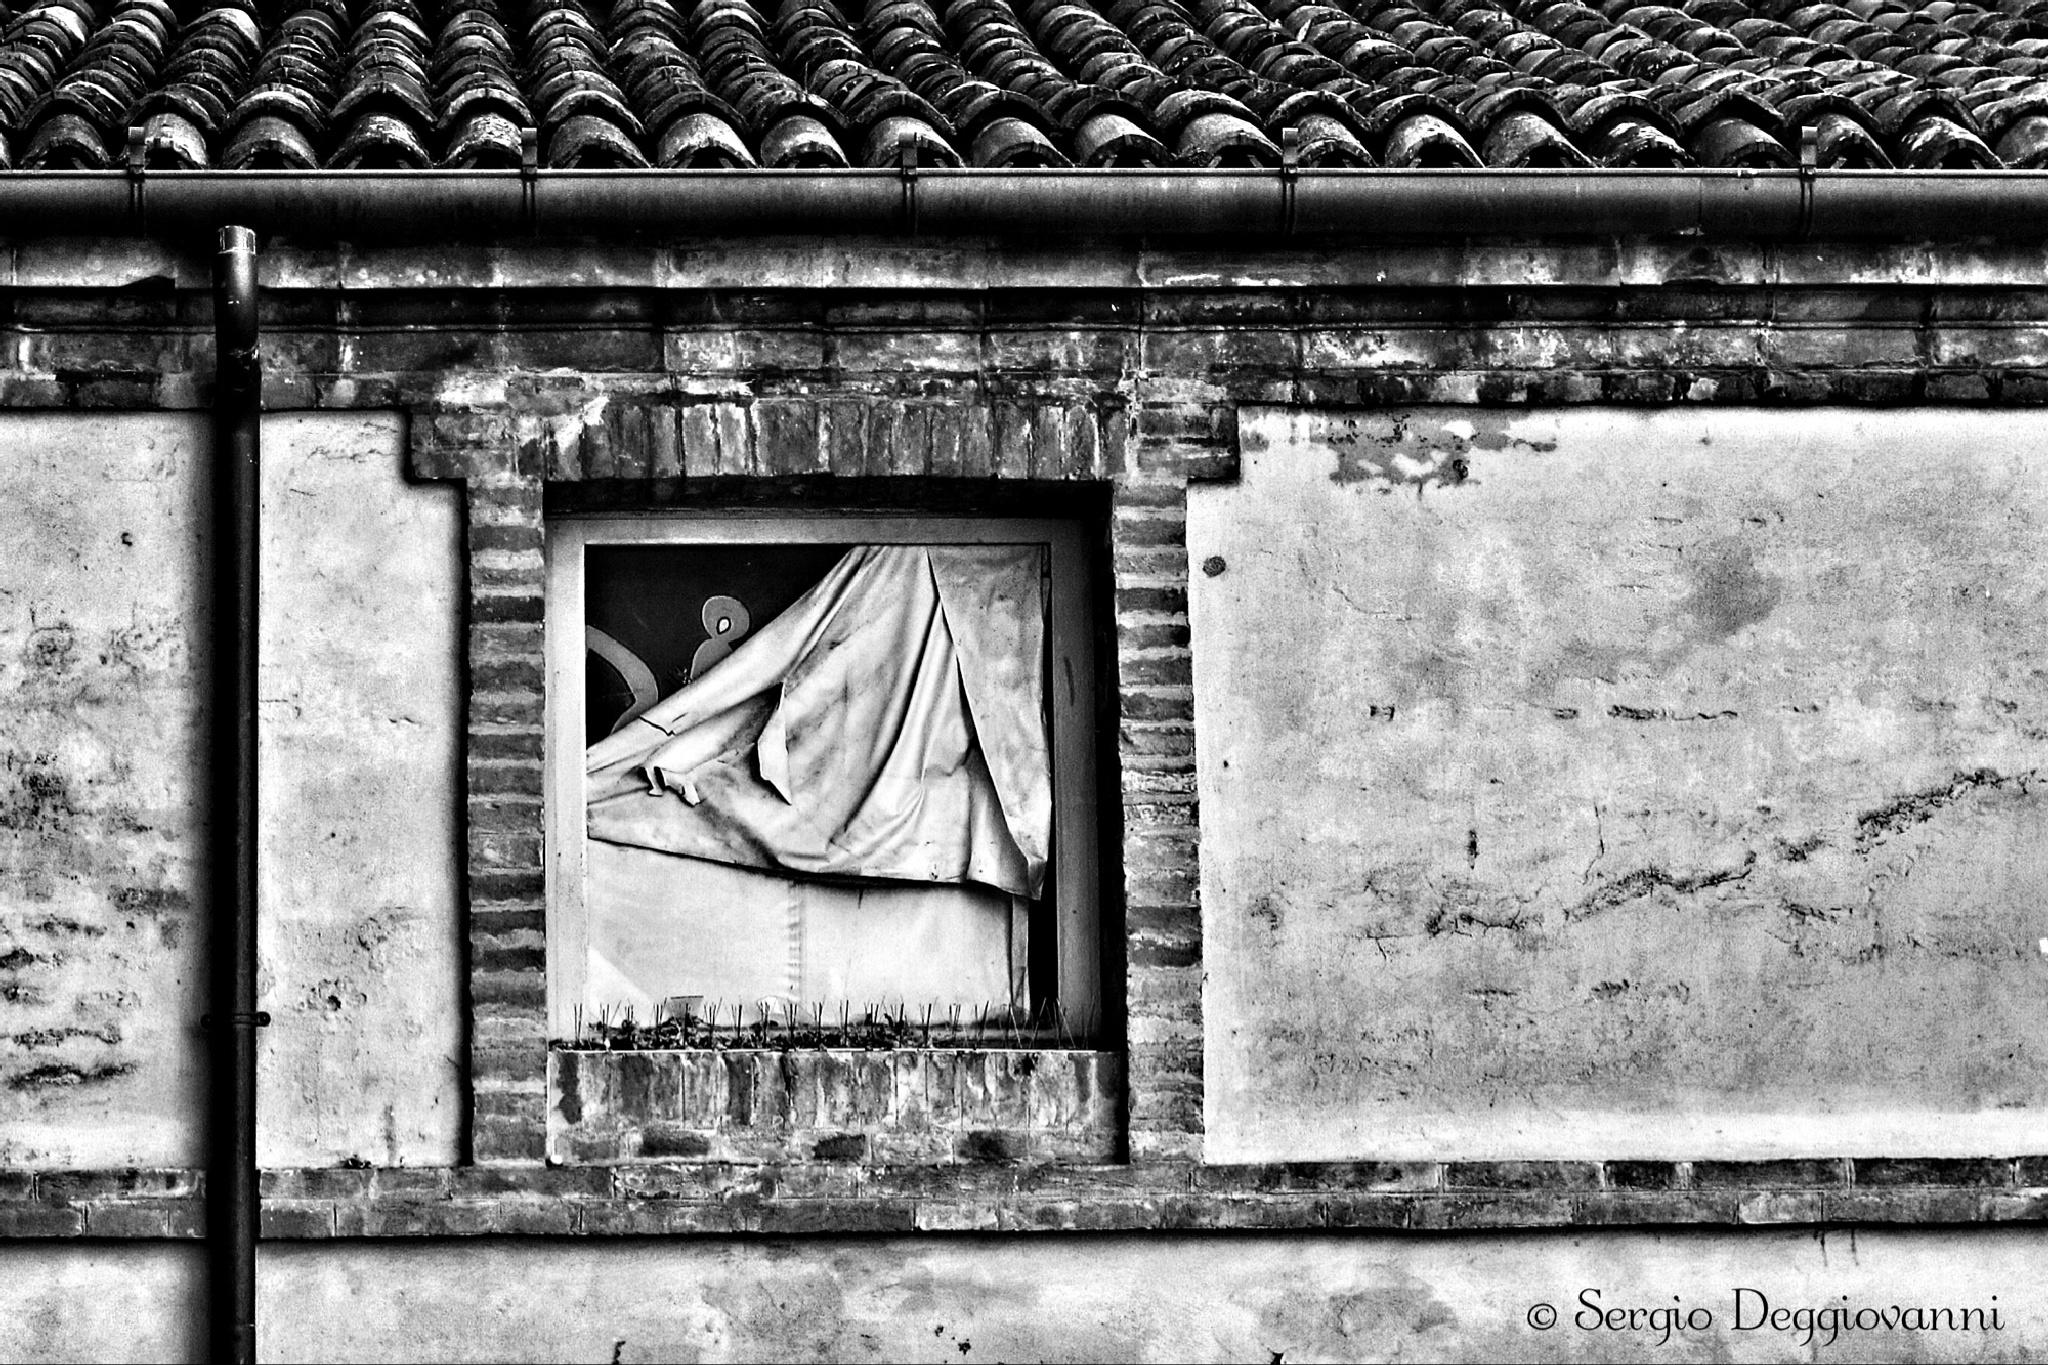 From the window by Sergio Deggiovanni